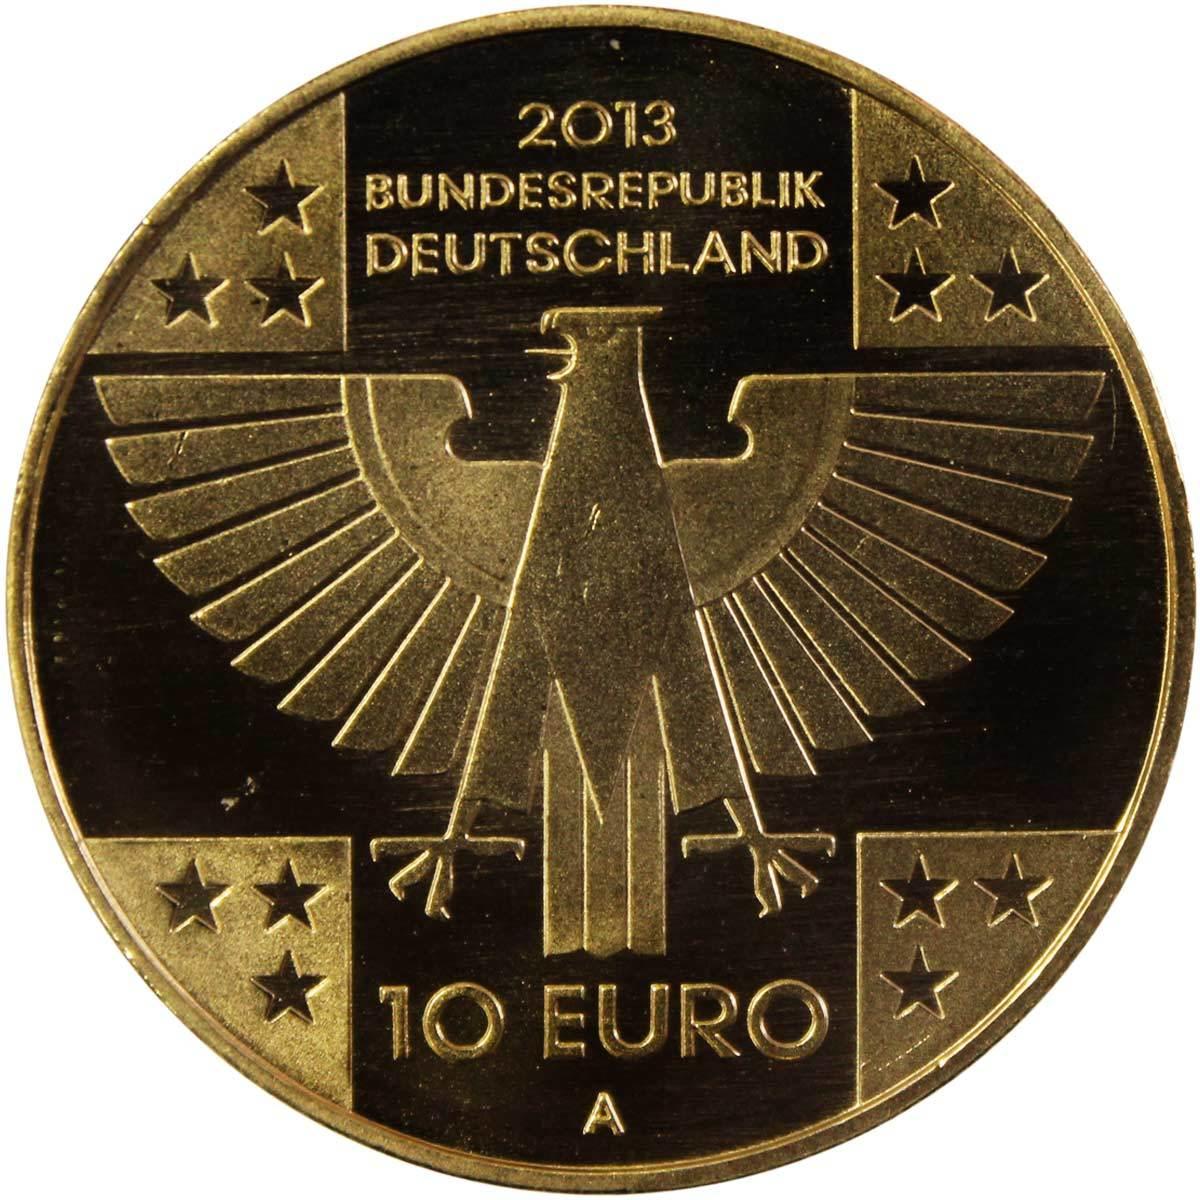 10 евро. 150 лет Красному Кресту (А). Германия. Медноникель с позолотой. 2013 год